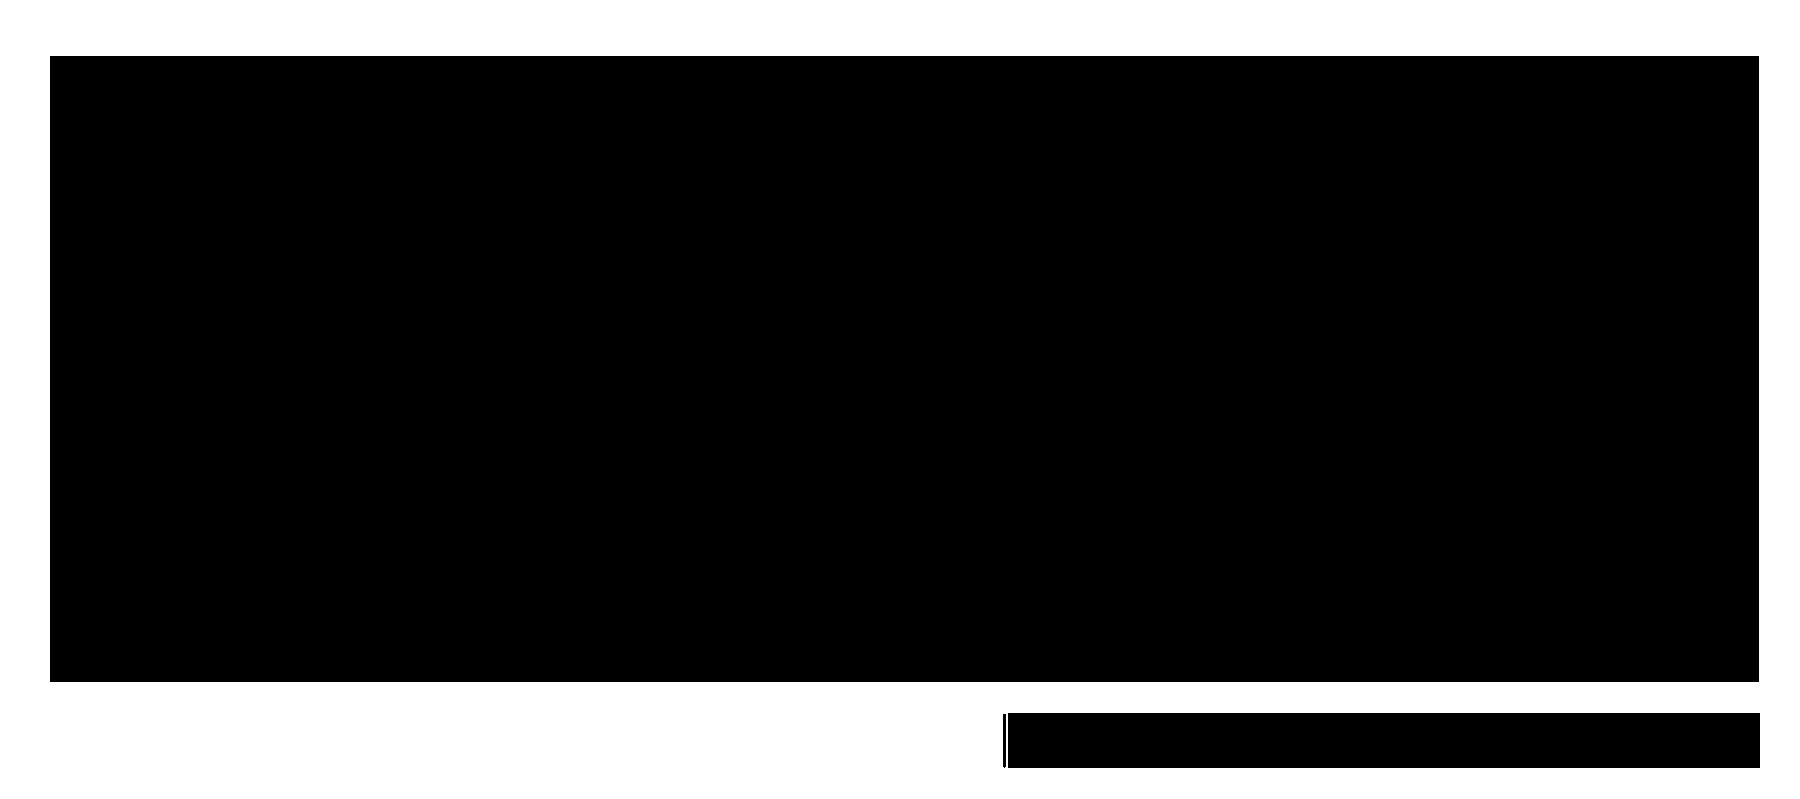 HOMEDOT LOGO WHITE